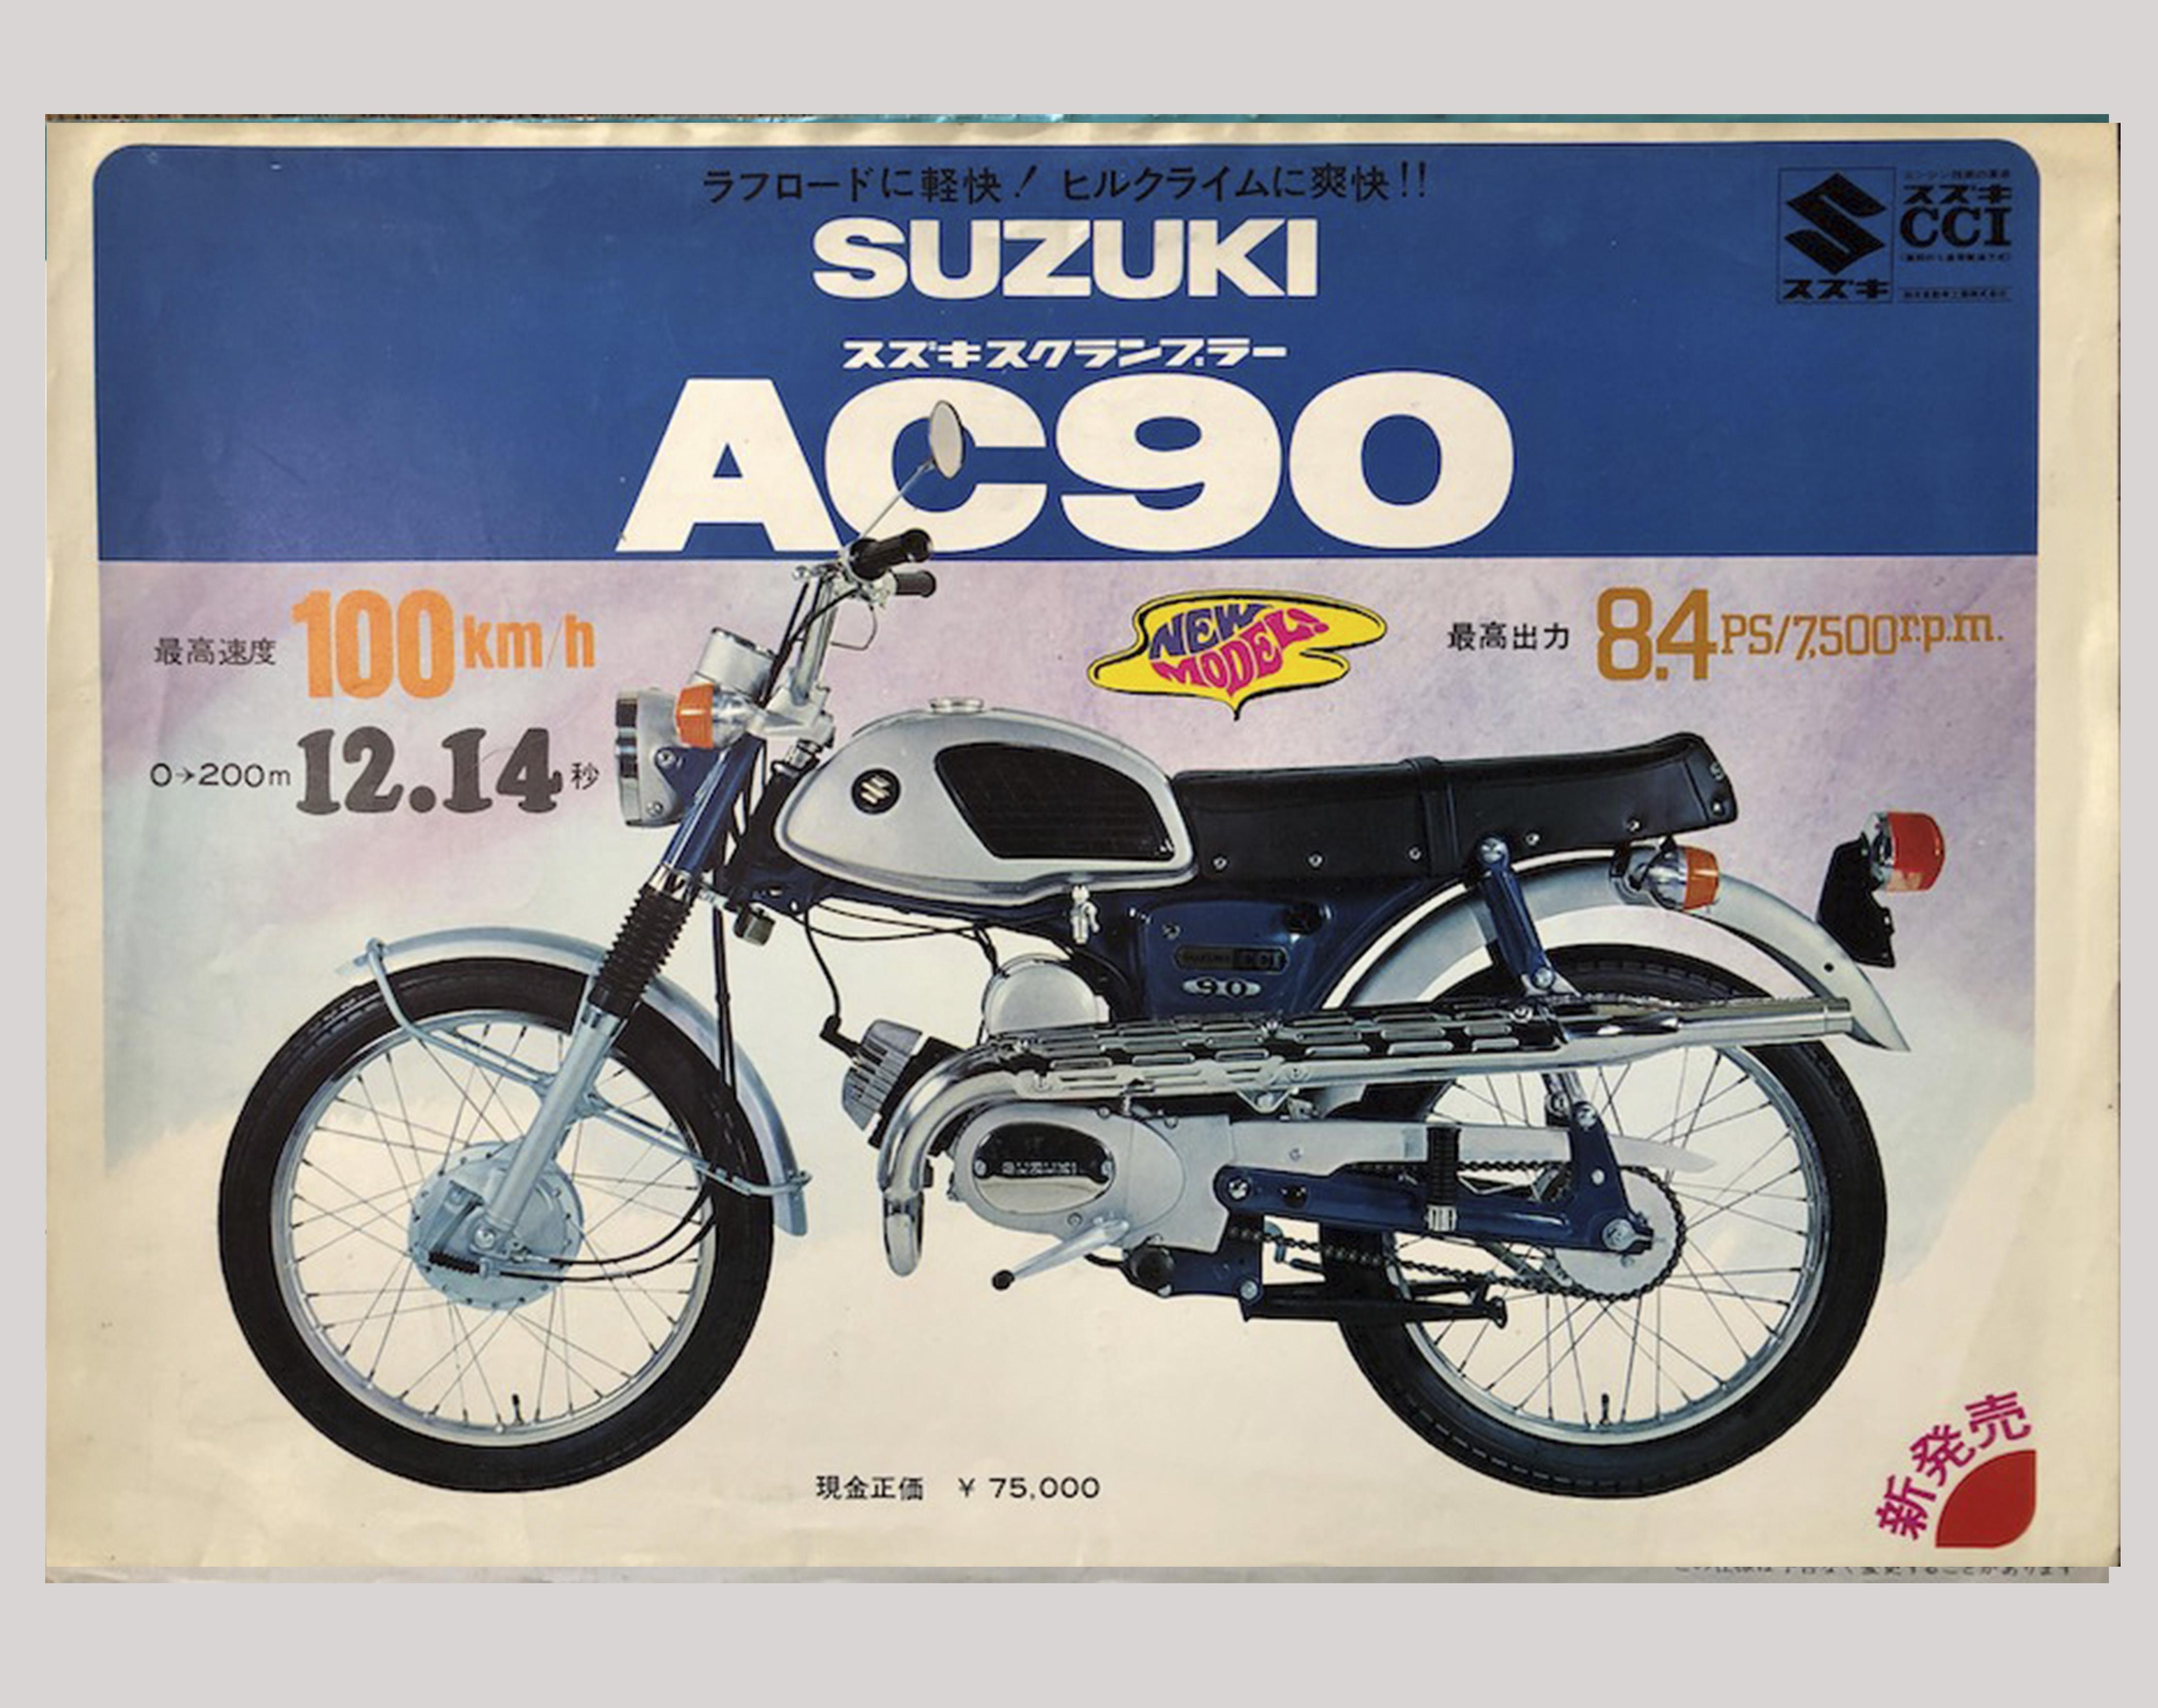 1968年 AC90